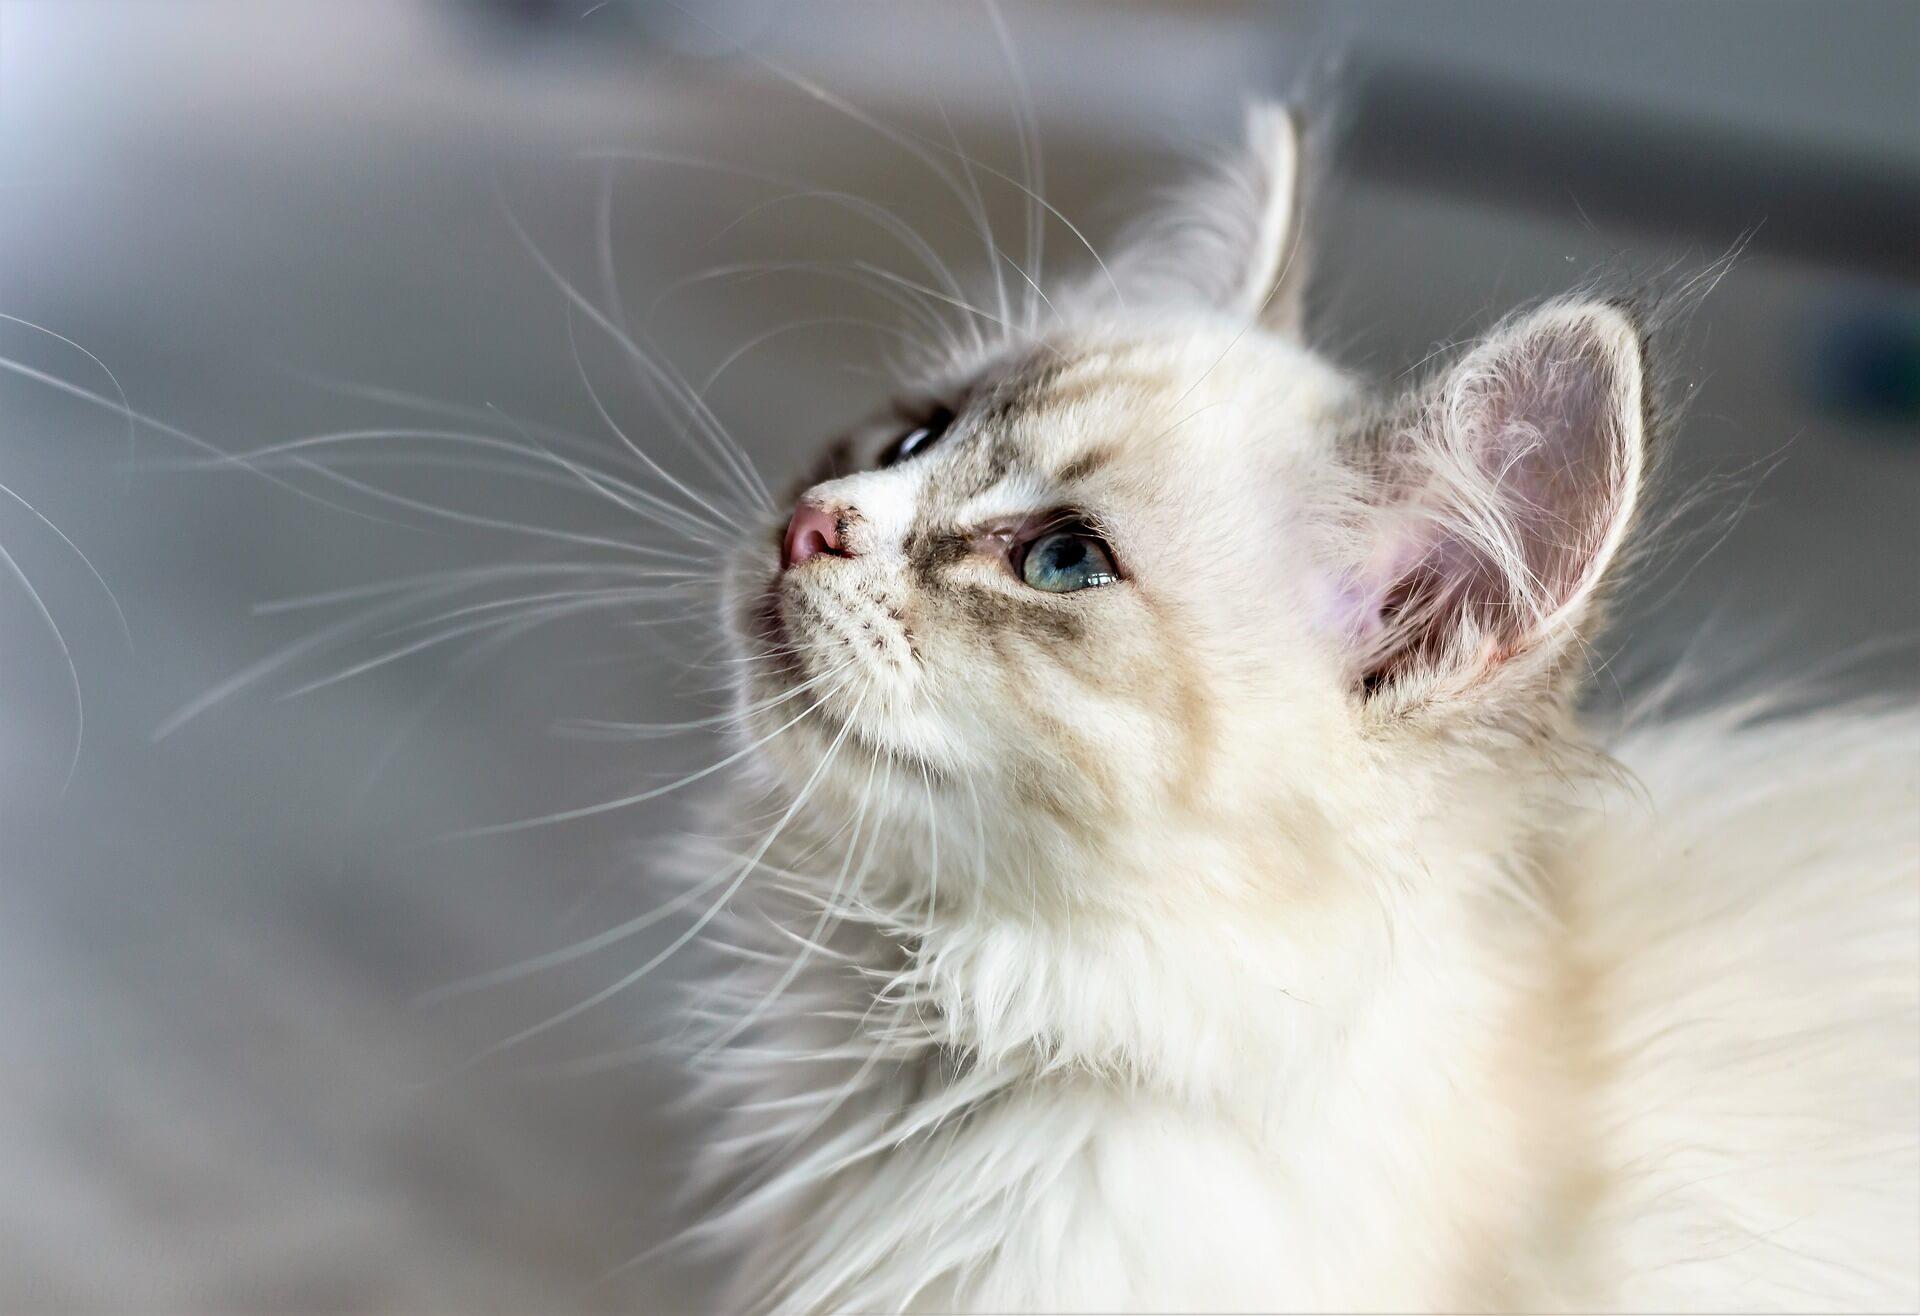 Katzen suchen sich ihre Menschen aus - Gründe und Massnahmen